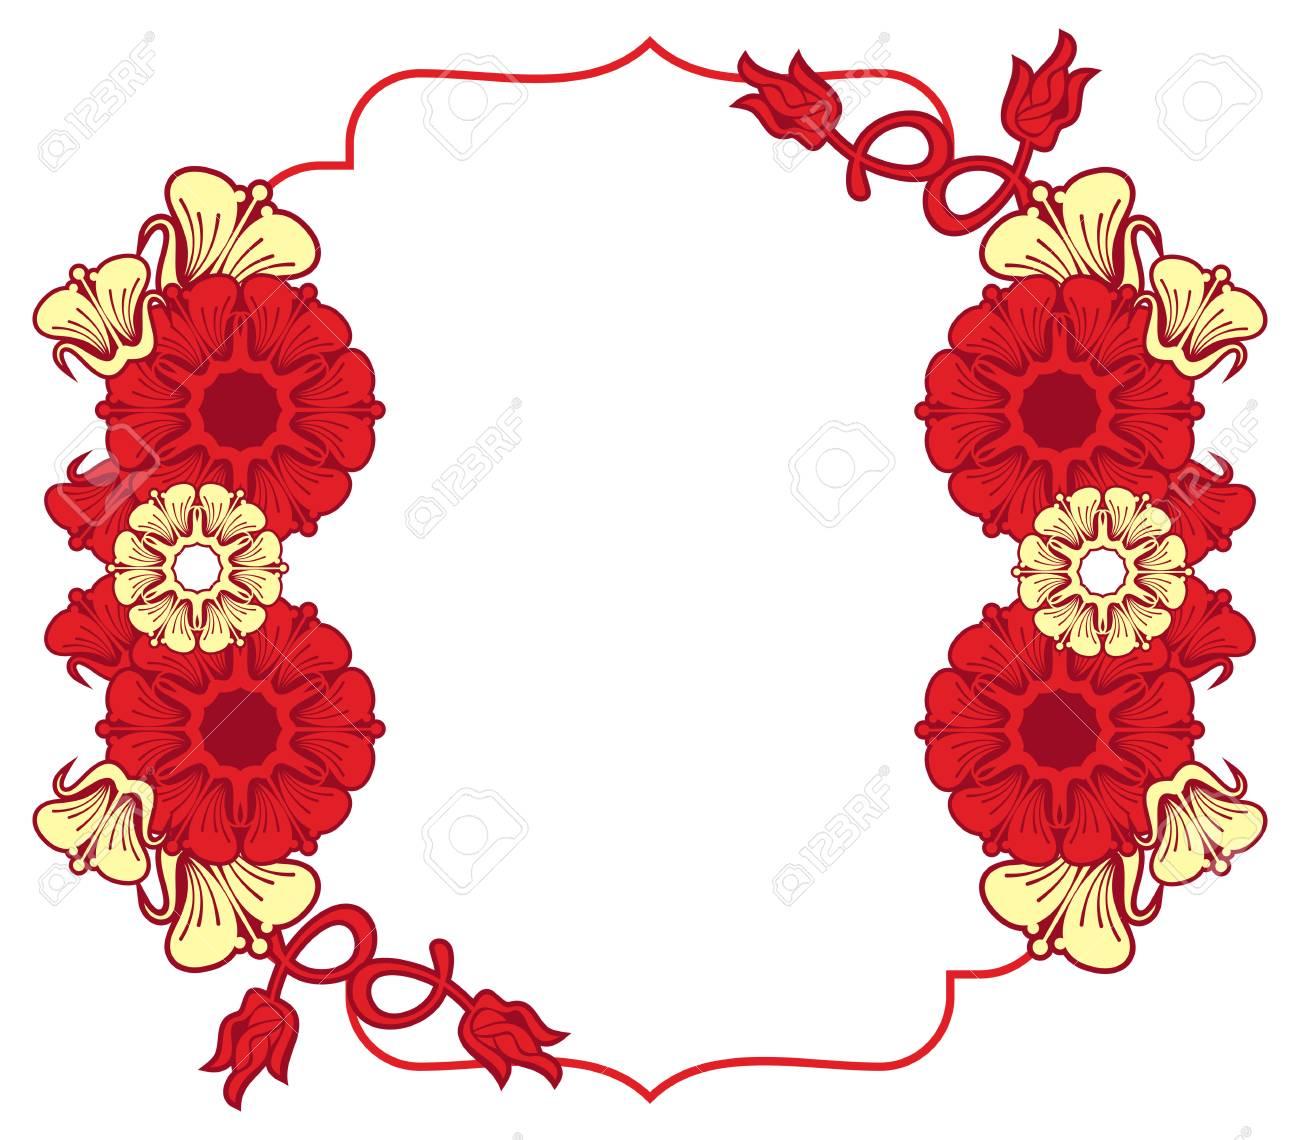 Hermoso Marco Con Flores Abstractas Elemento De Diseño Para Publicidad Flyer Web Bodas Invitaciones Y Tarjetas De Felicitación Imágenes